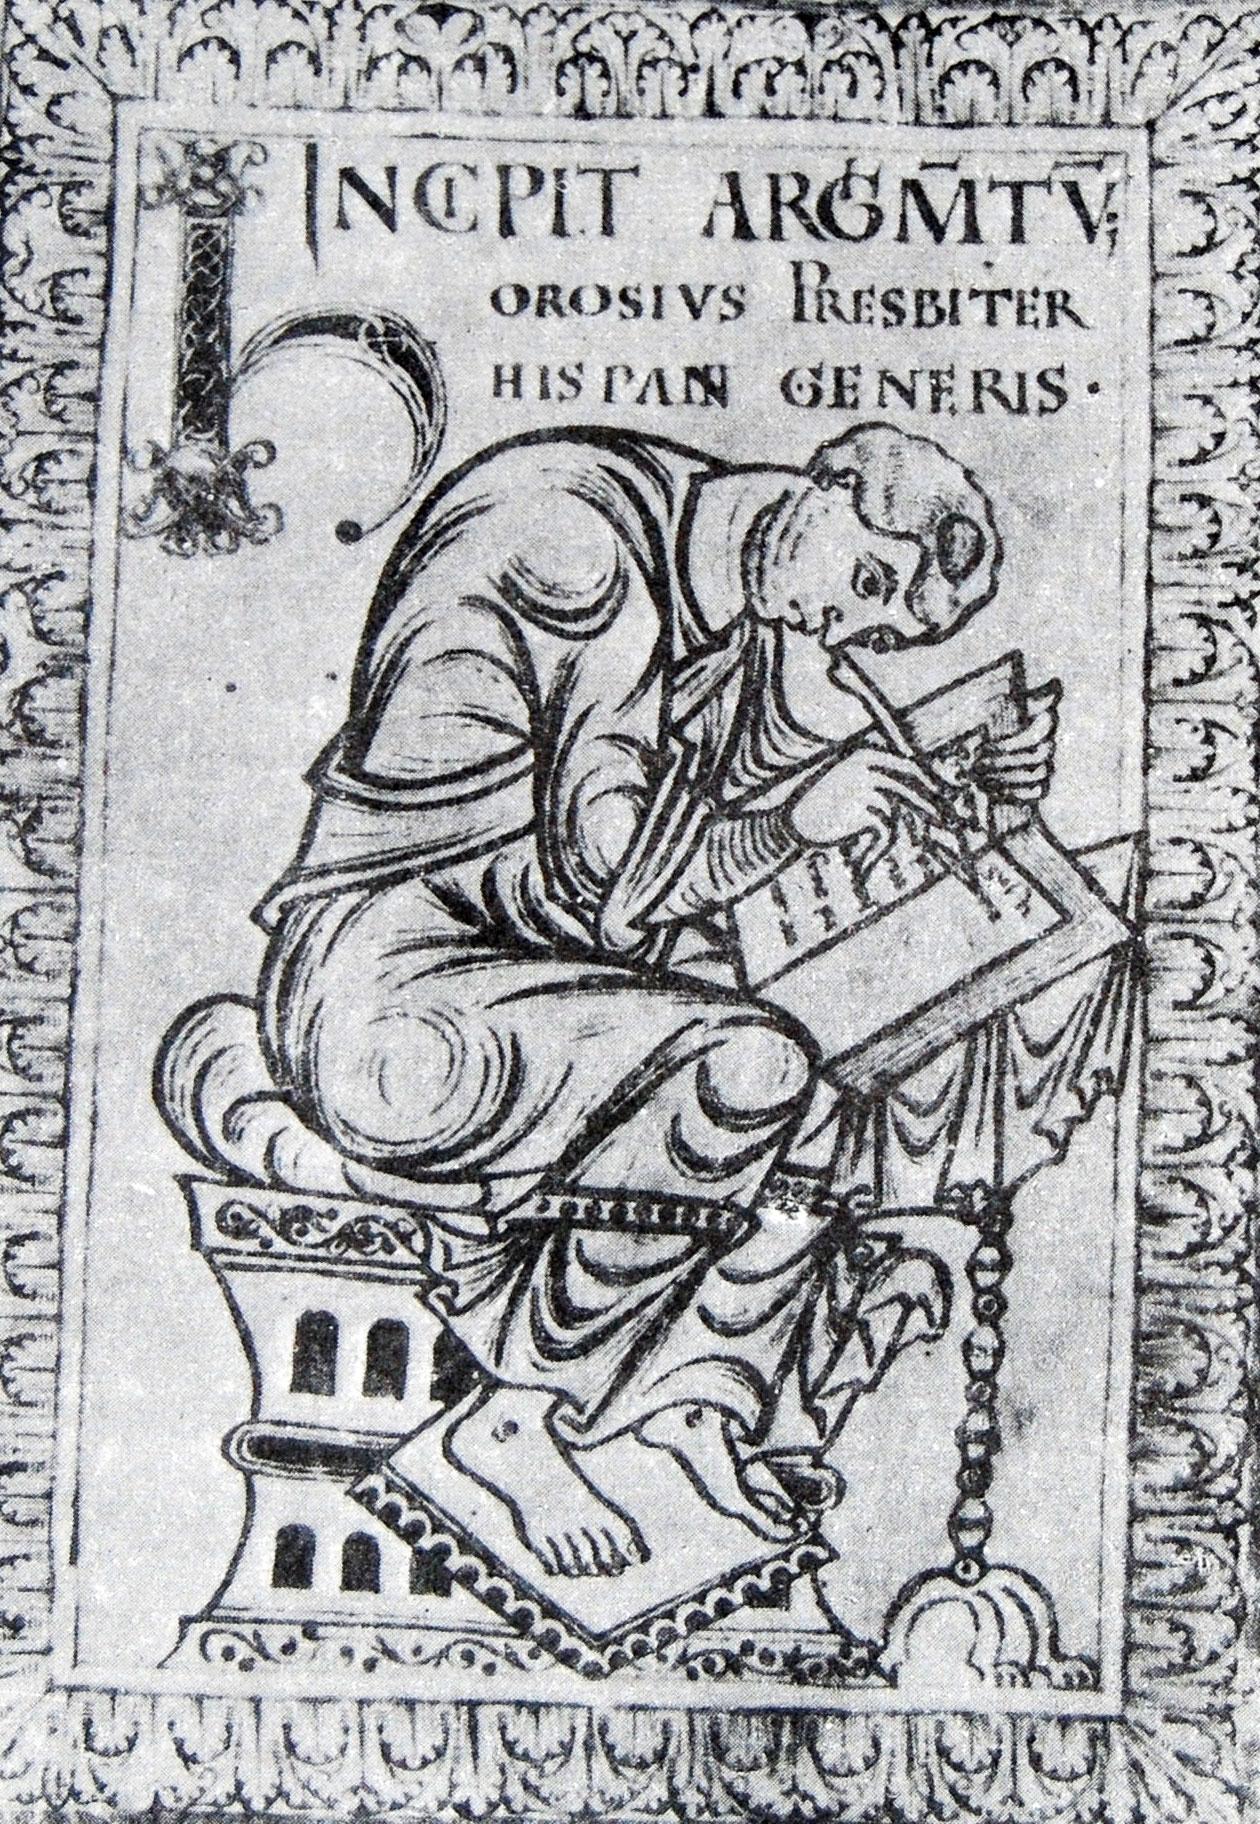 Paulus Orosius